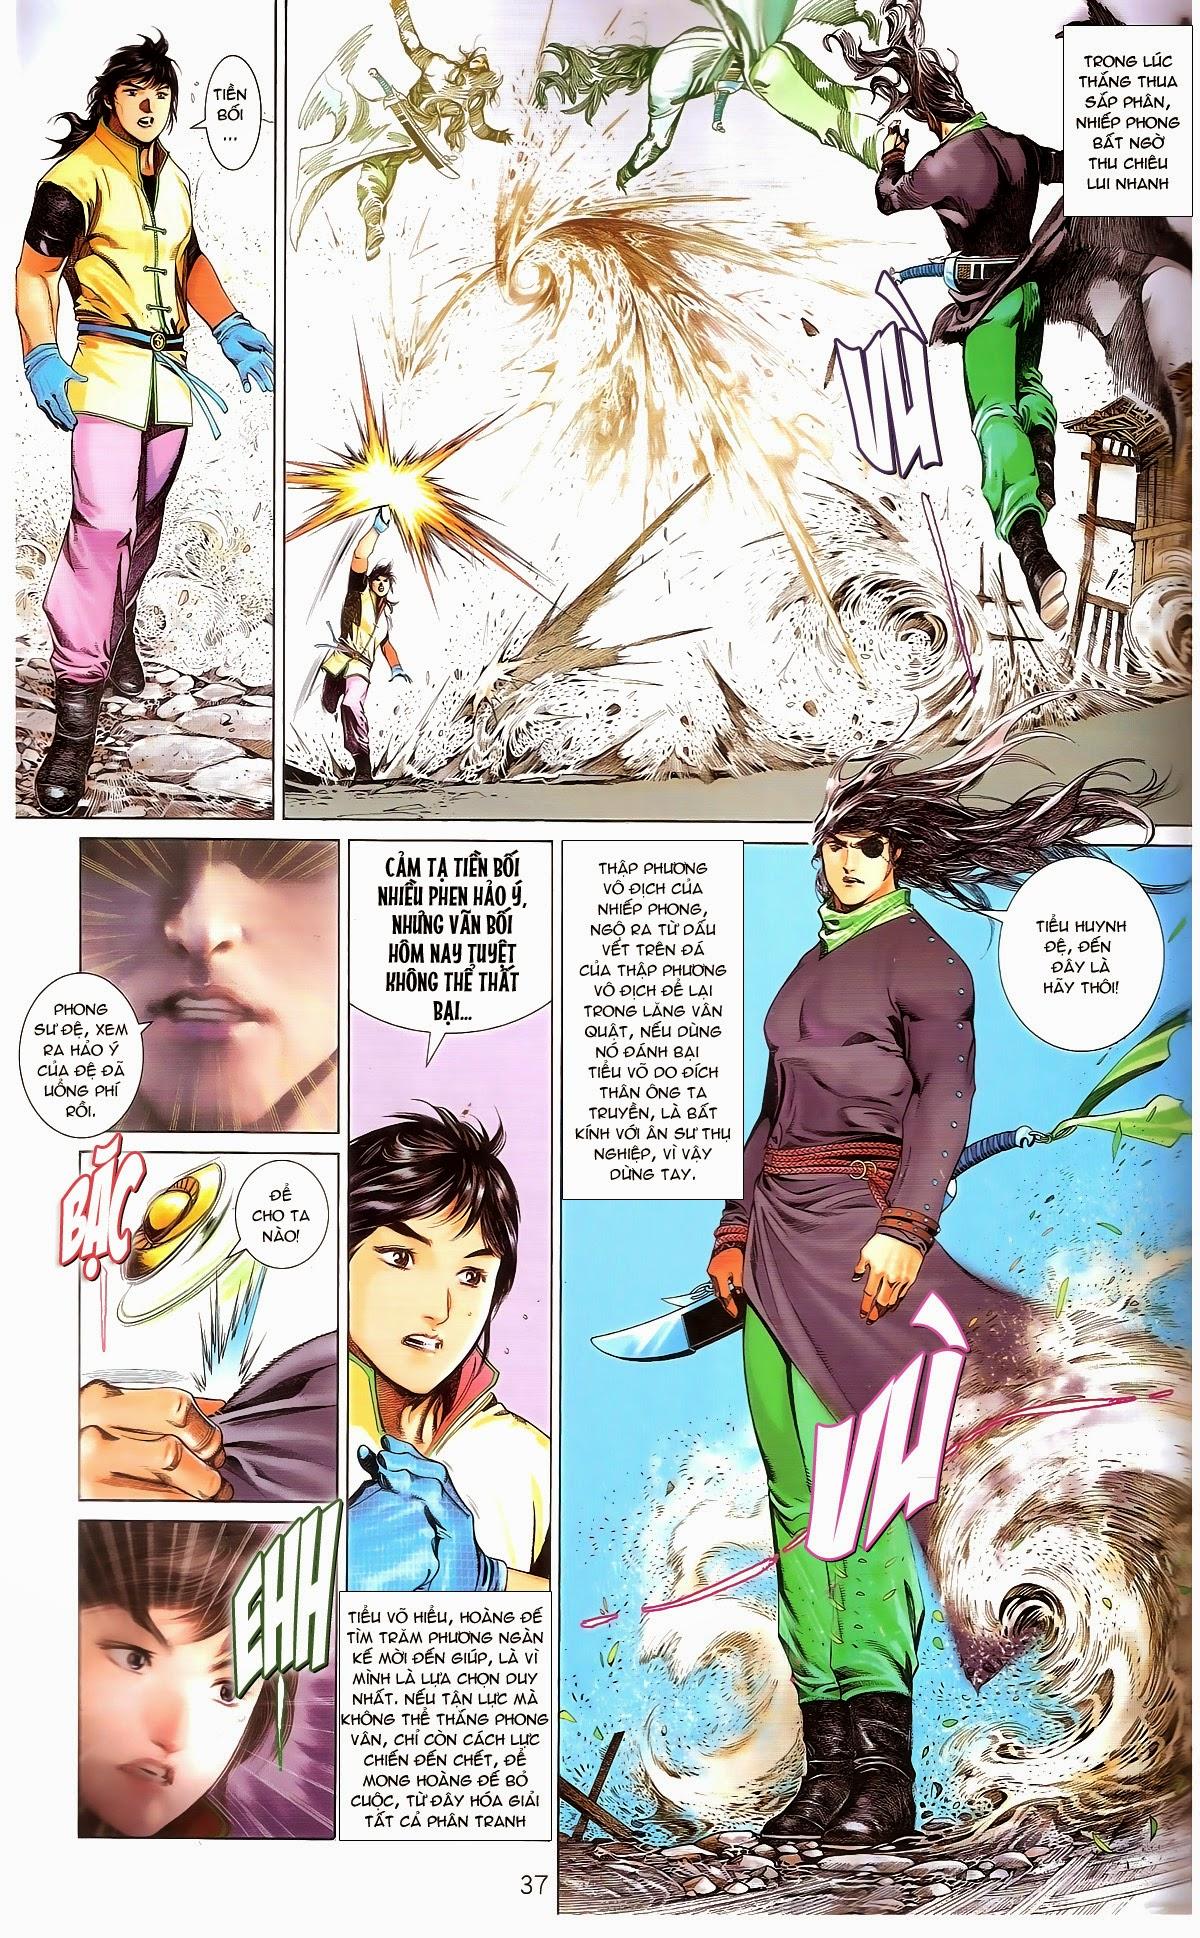 Phong Vân chap 674 – End Trang 39 - Mangak.info